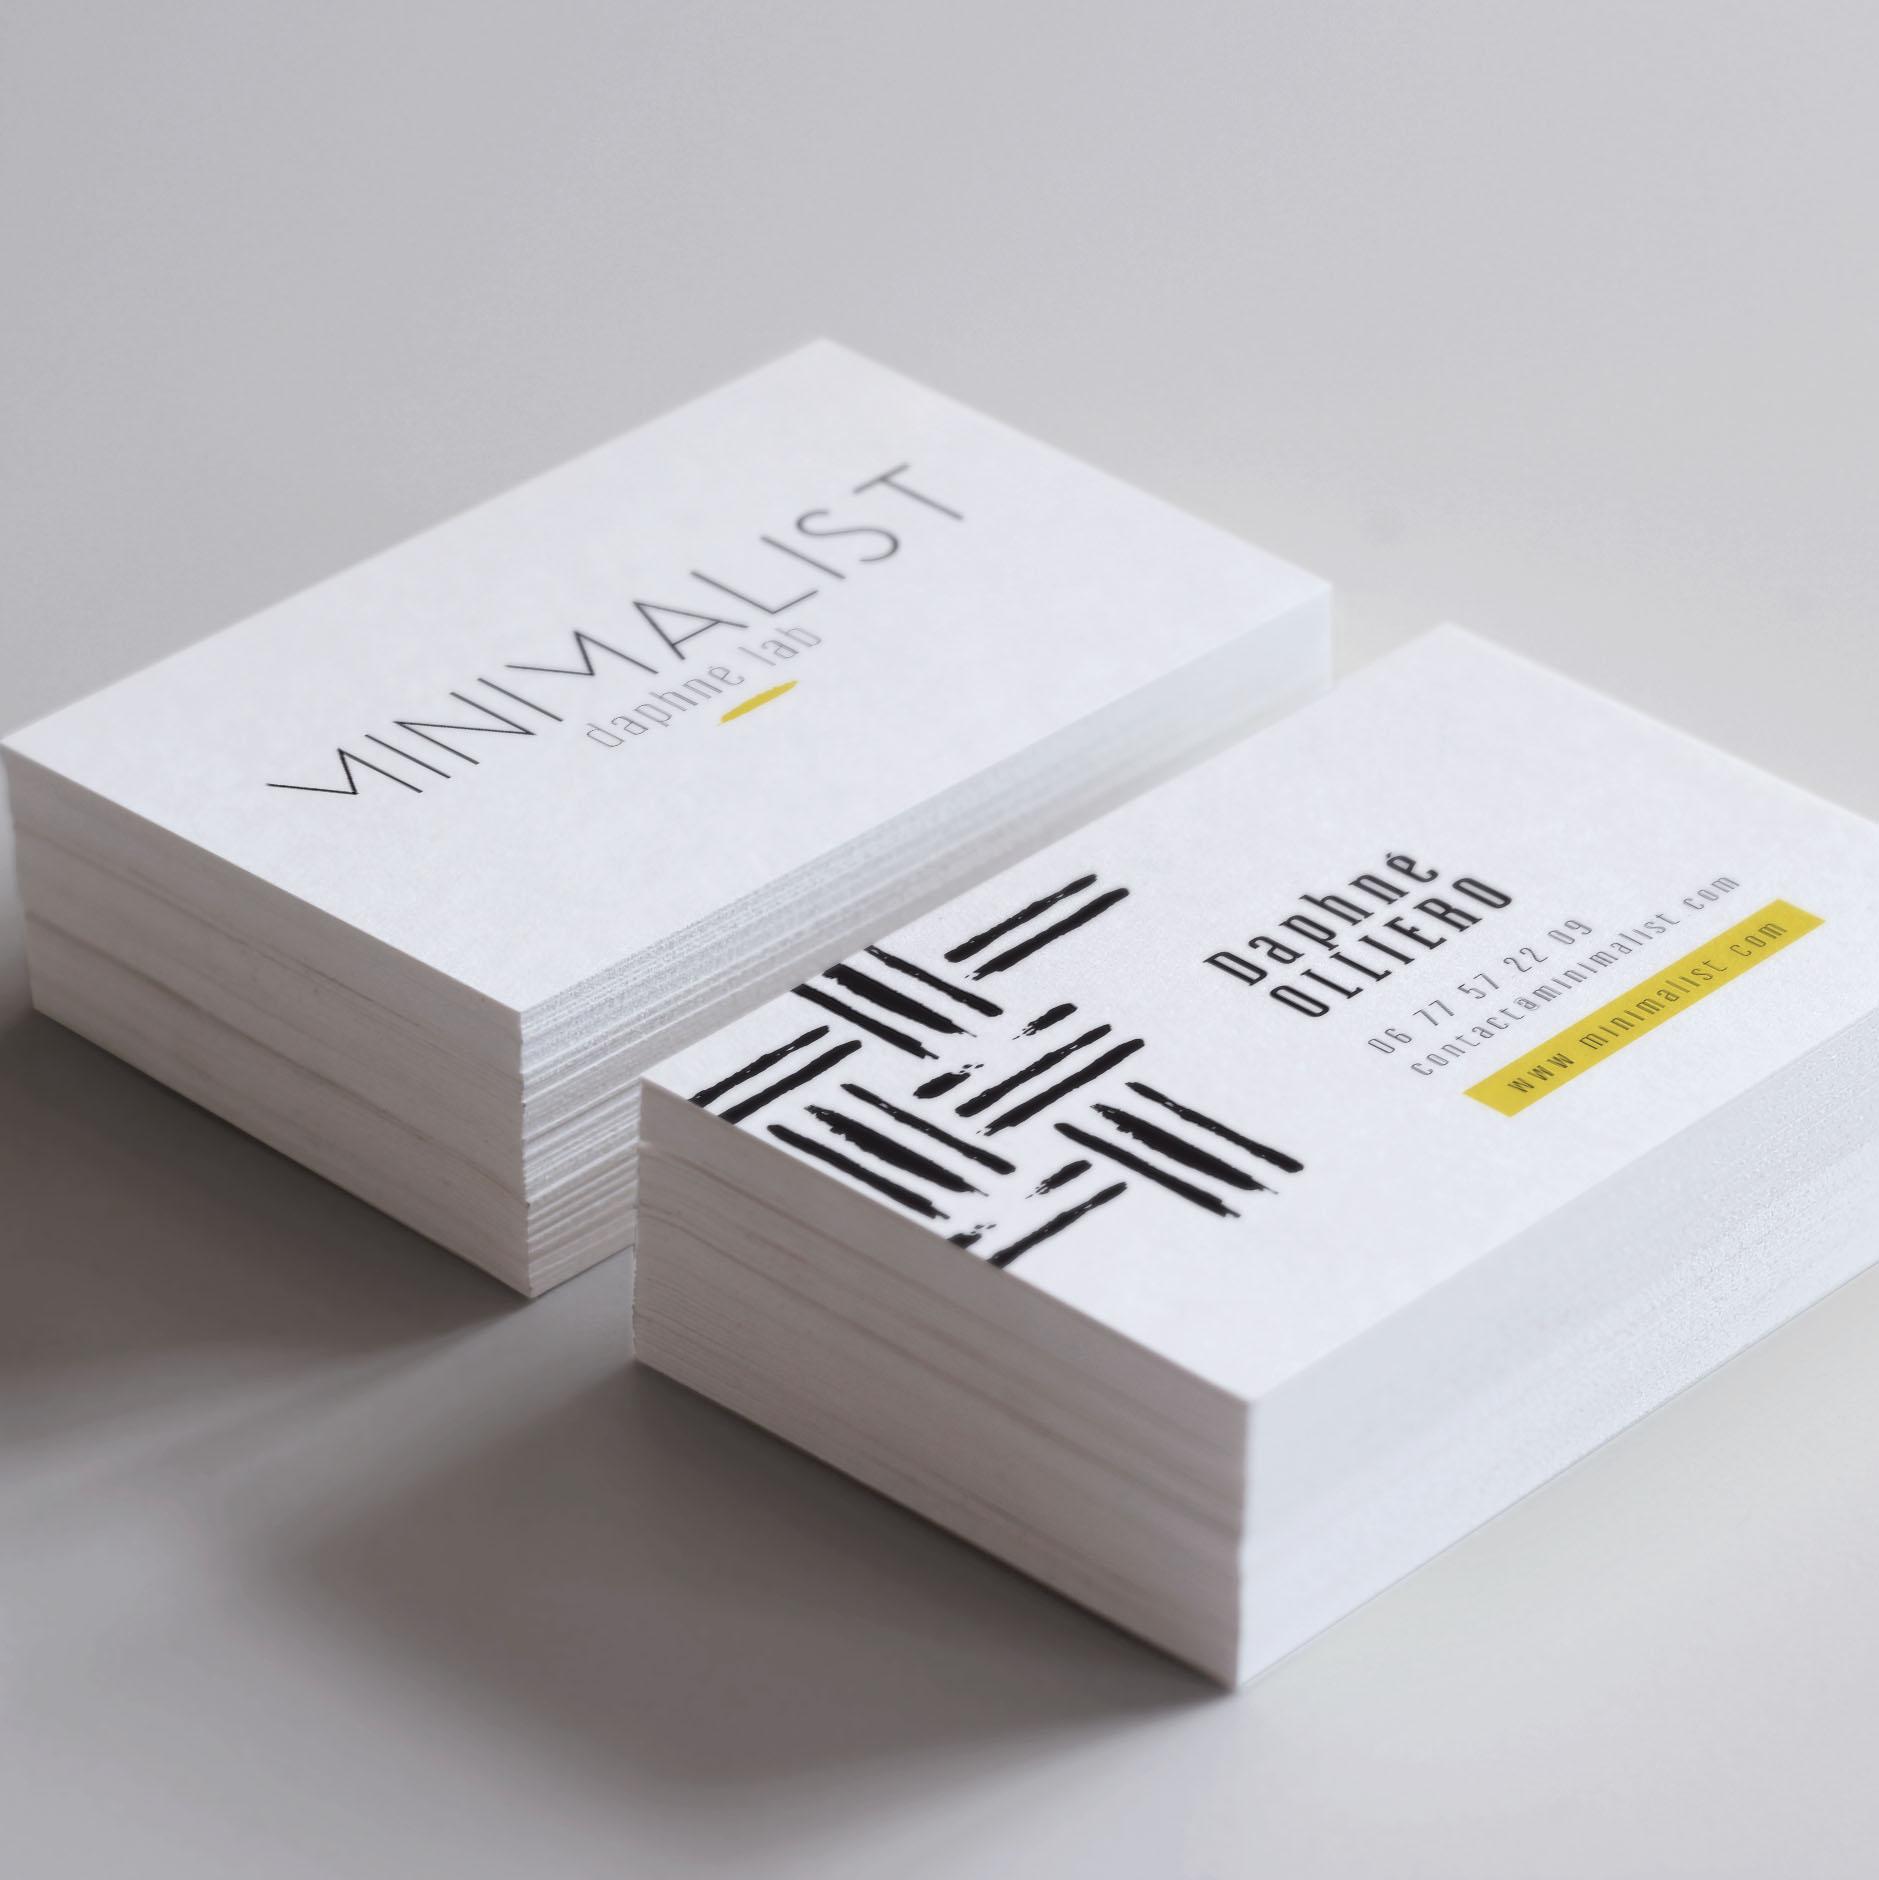 cartes de visite laboratoire Minimalist